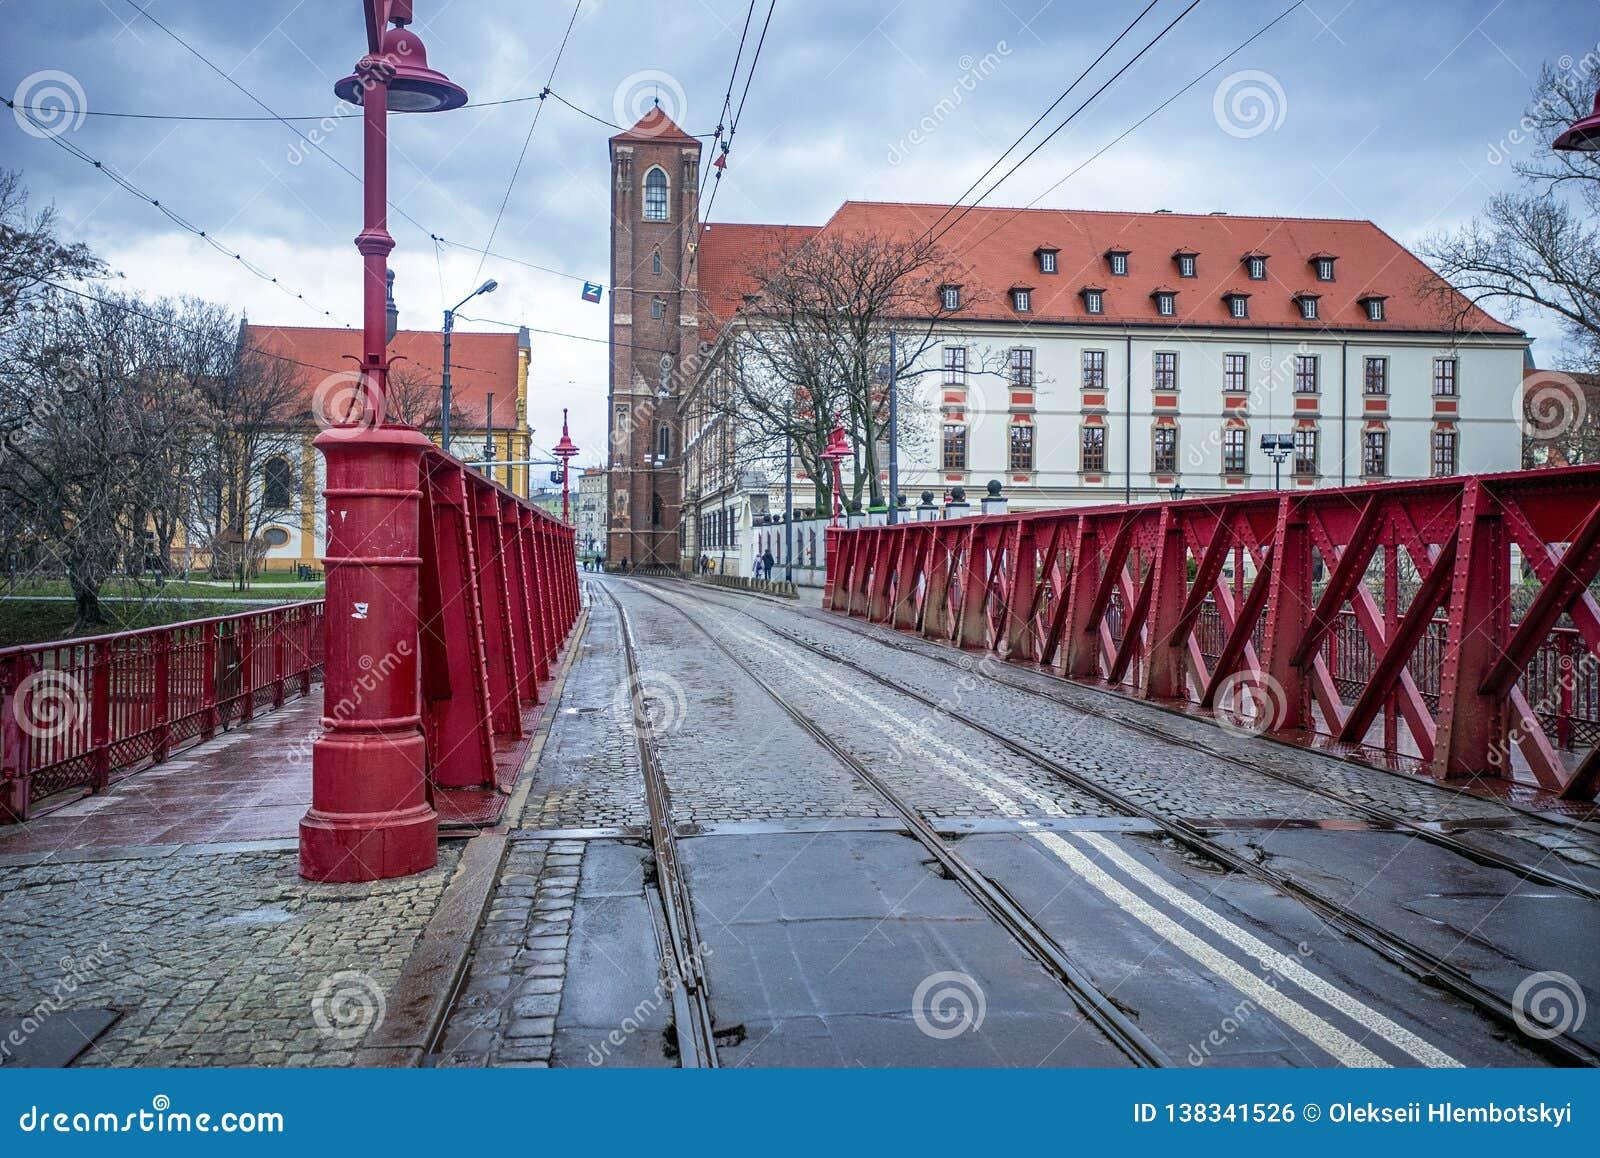 12/22/2018 di Wroclaw, Polonia, un vecchio ponte sopra un fiume nel centro urbano con una traccia del tram